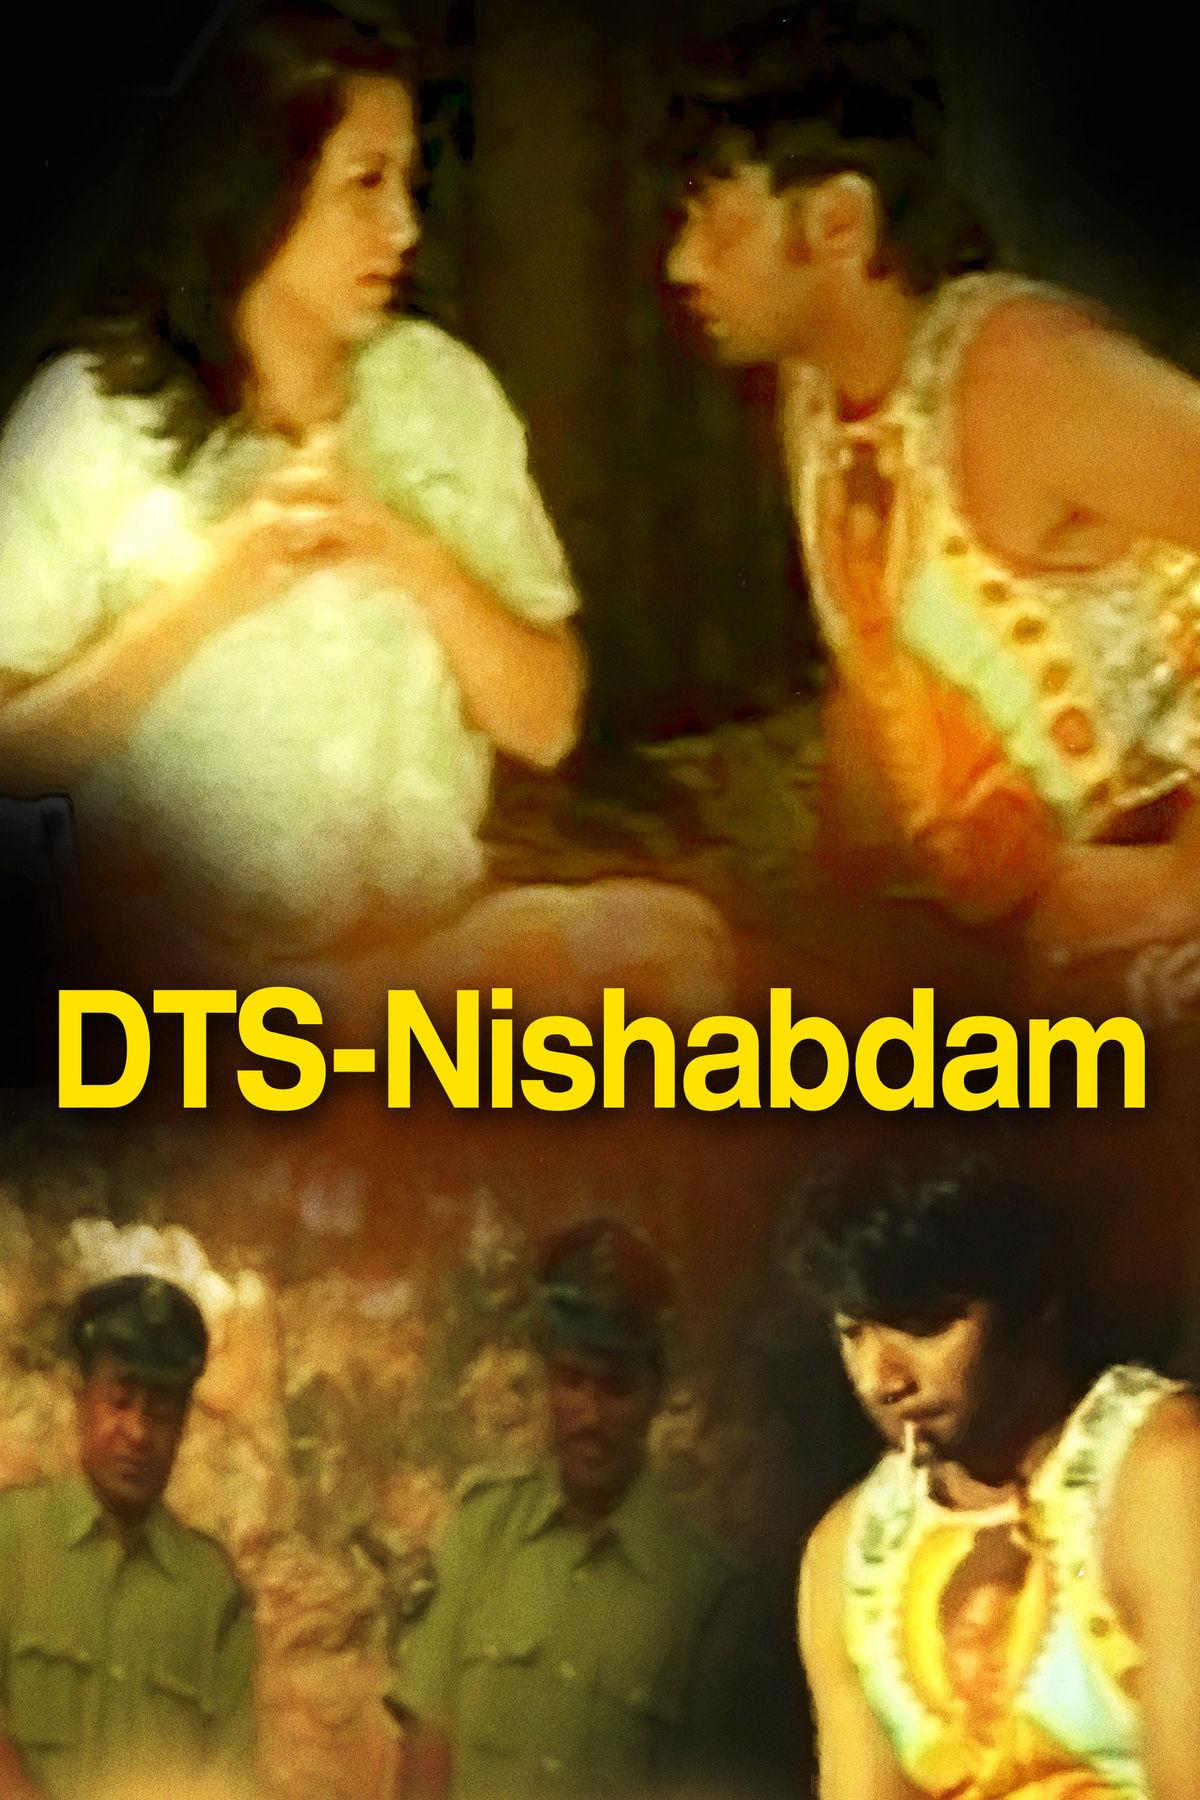 DTS - Nishabdam